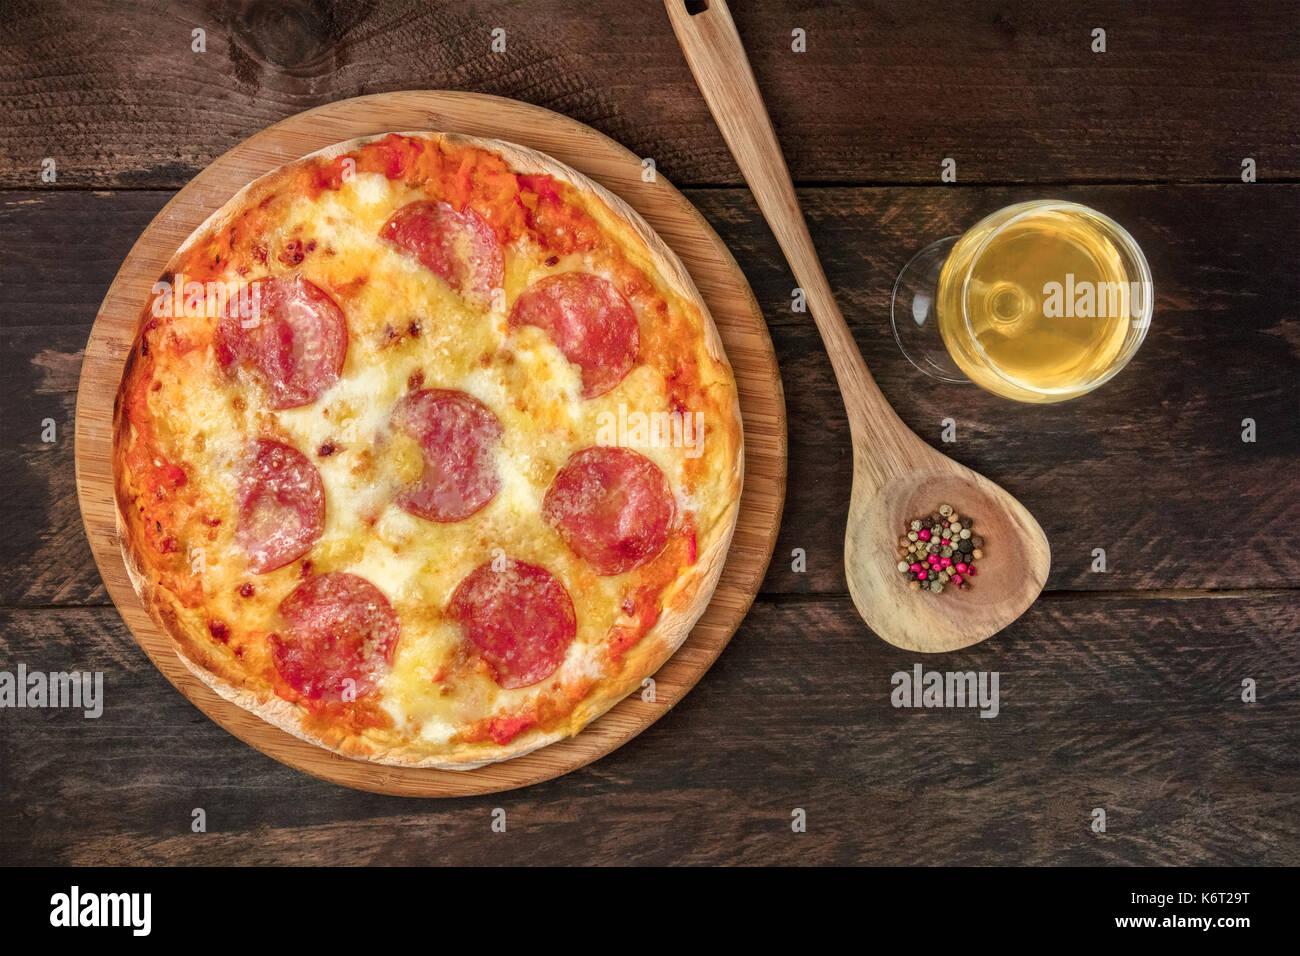 Salsiccia per pizza pizza con vino bianco, pepe, e copyspace Immagini Stock